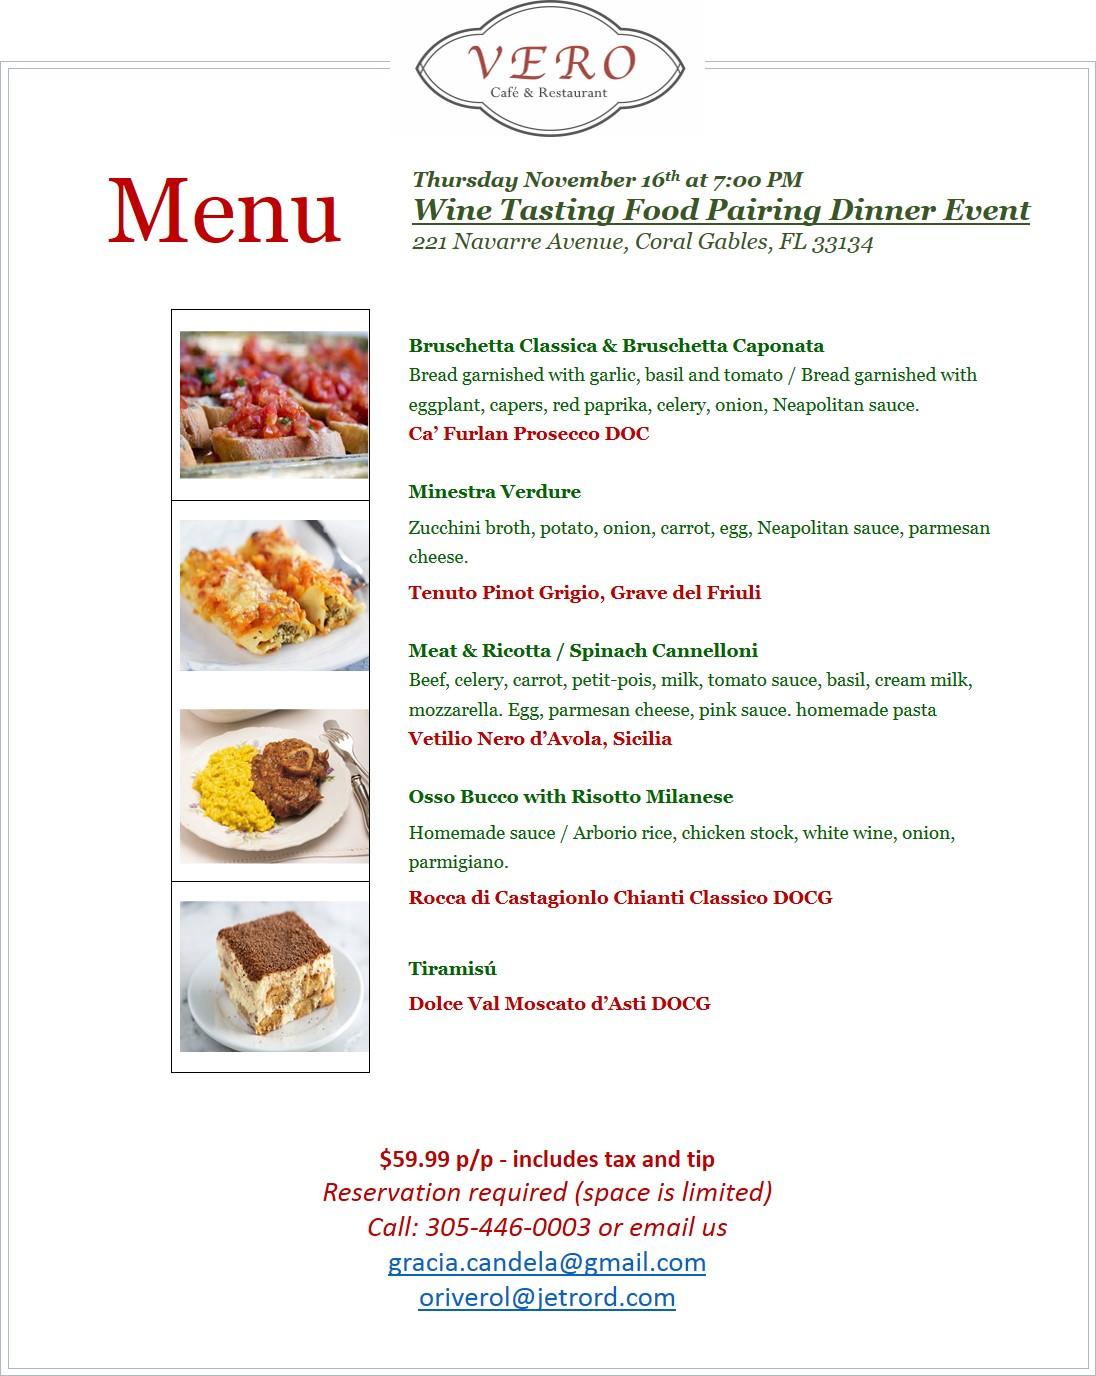 Wine Tasting Food Pairing Dinner Event